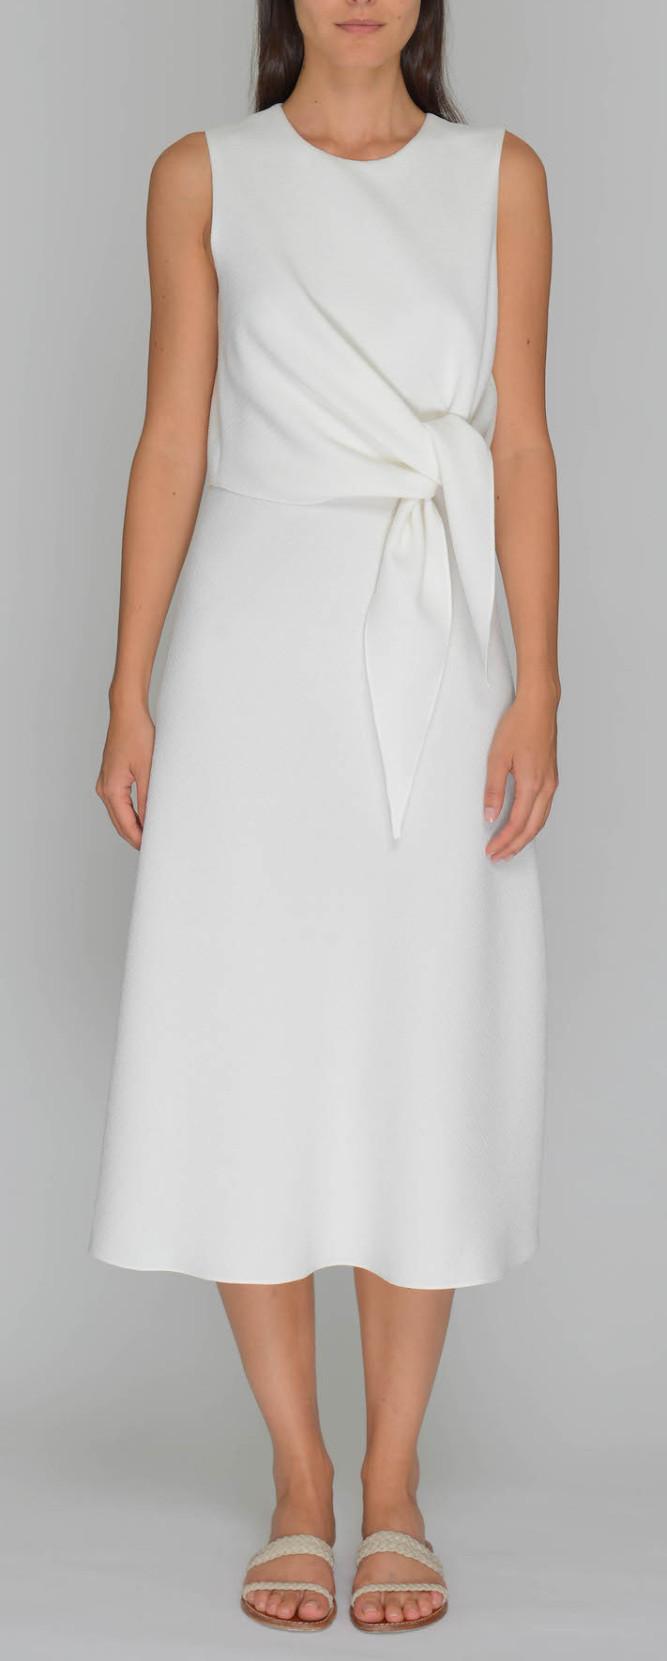 Svilu Crepe Dress $475